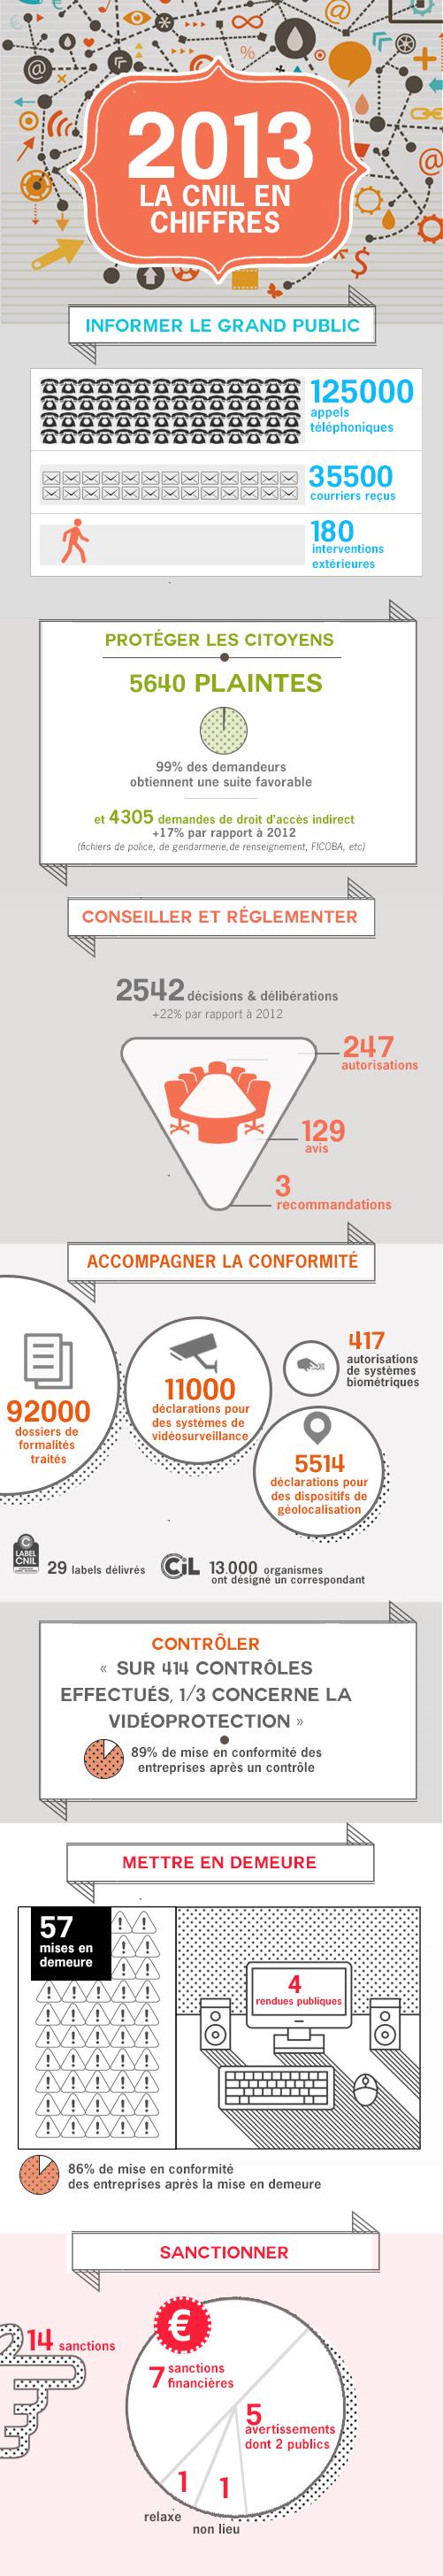 2013 la CNIL en chiffres